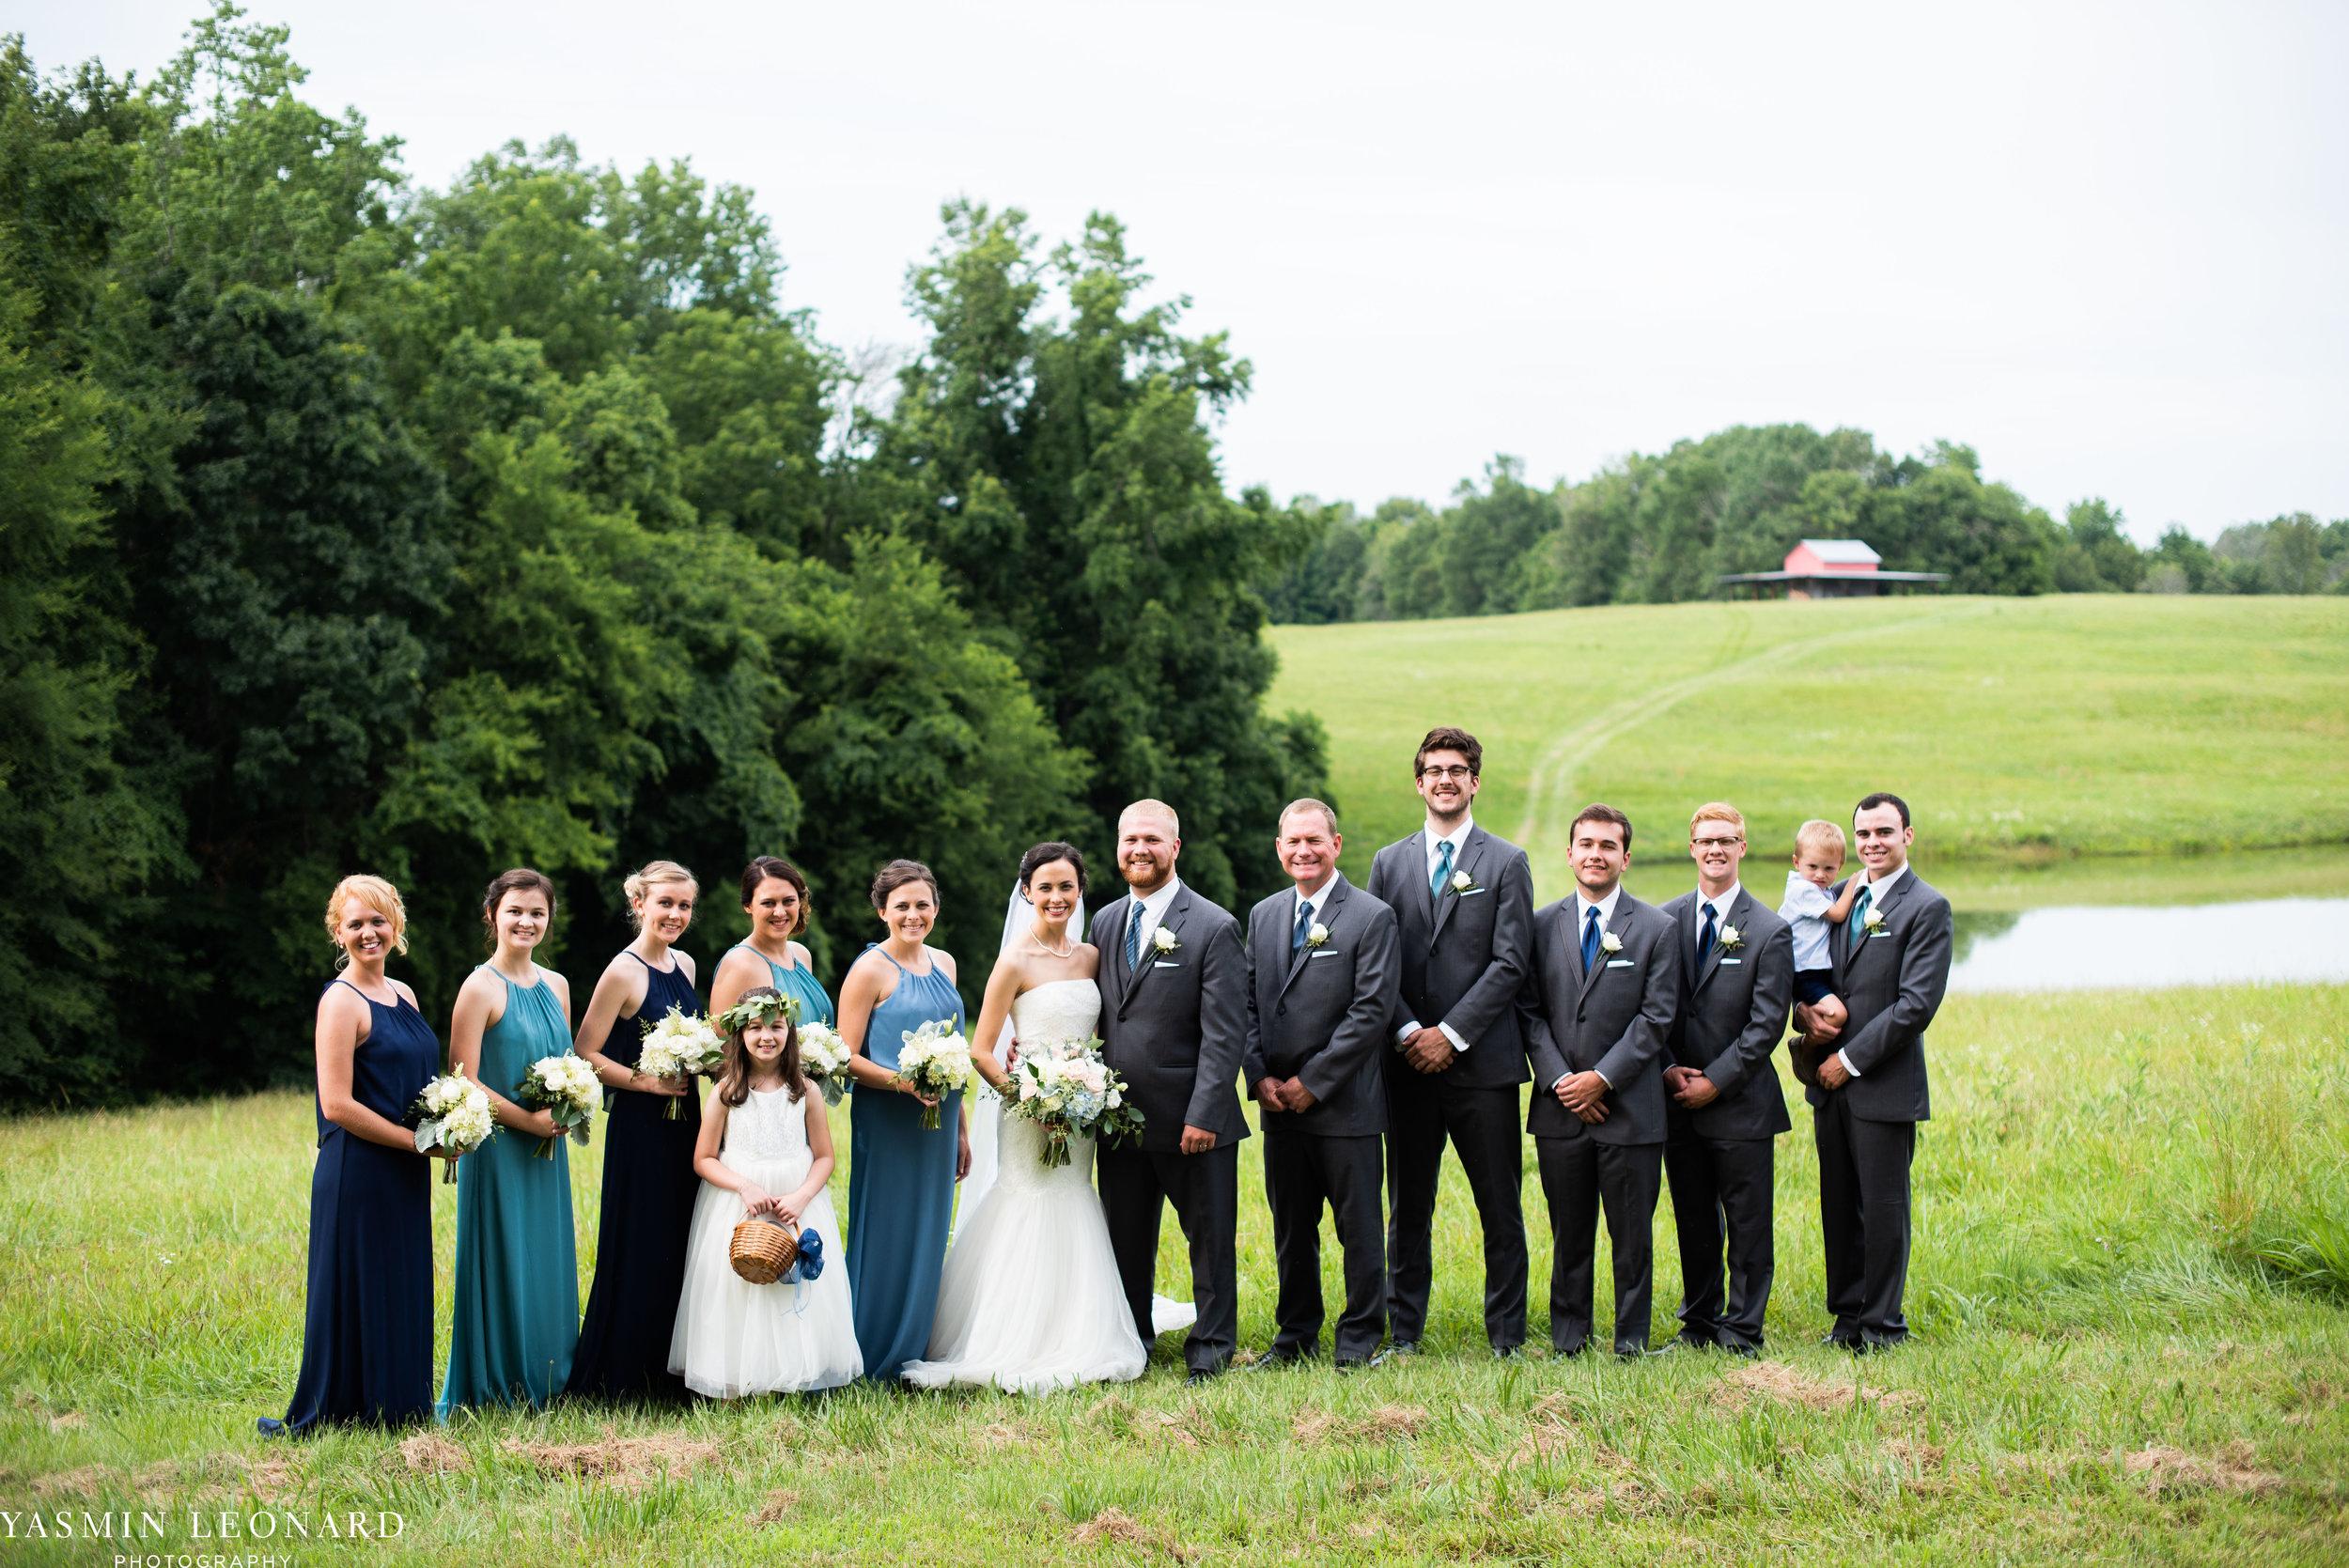 Mt. Pleasant Church - Church Wedding - Traditional Wedding - Church Ceremony - Country Wedding - Godly Wedding - NC Wedding Photographer - High Point Weddings - Triad Weddings - NC Venues-27.jpg